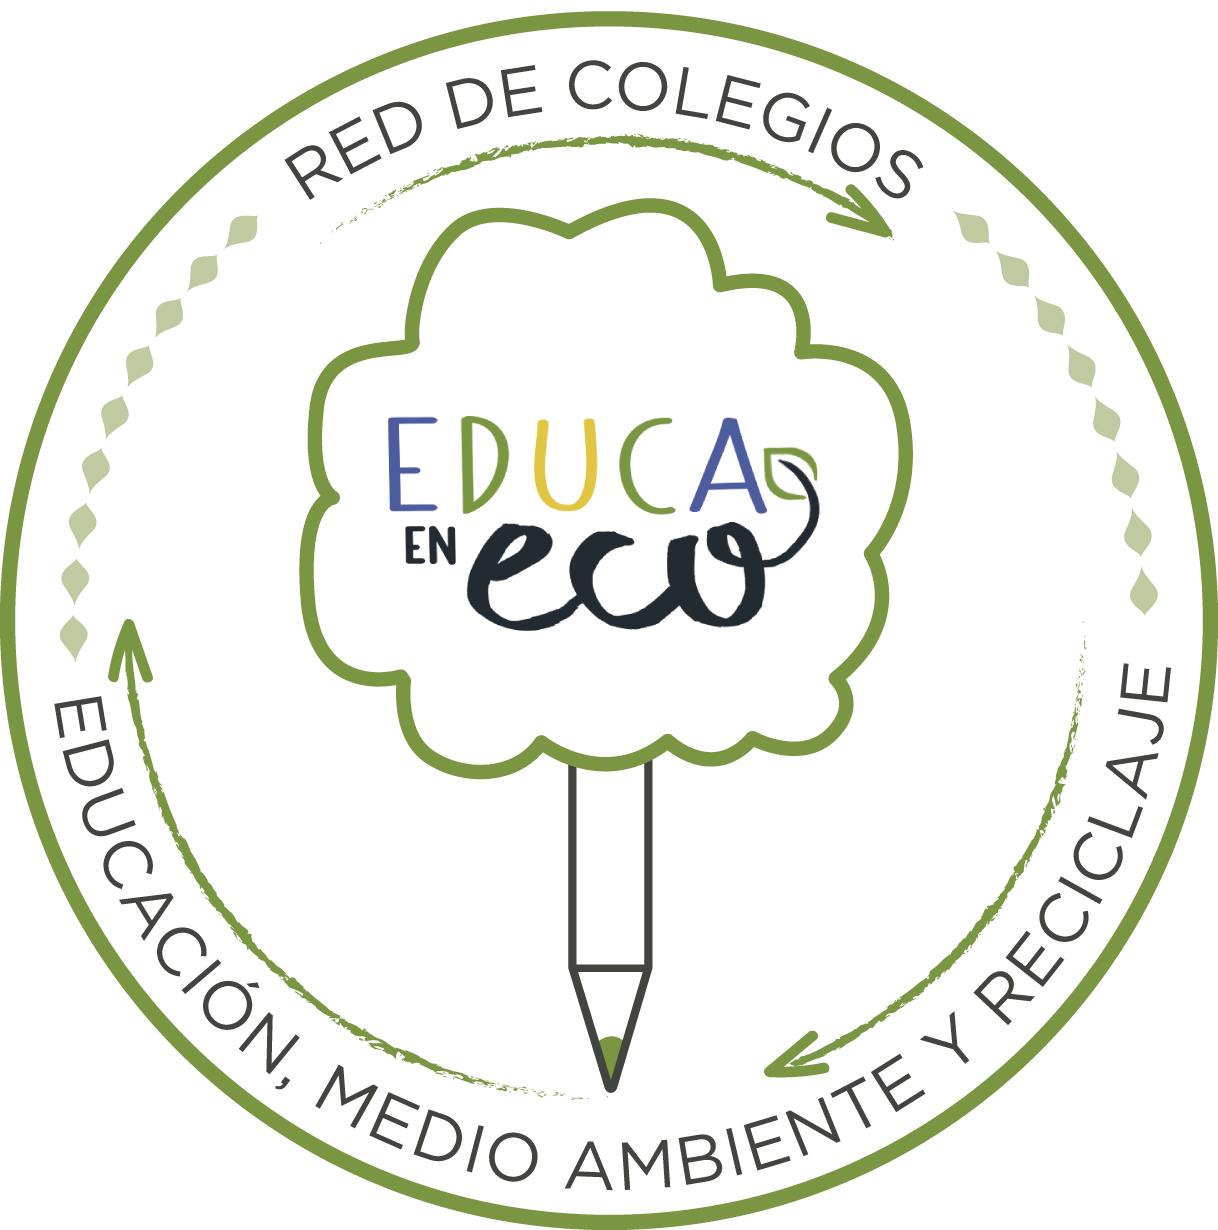 Educa en eco